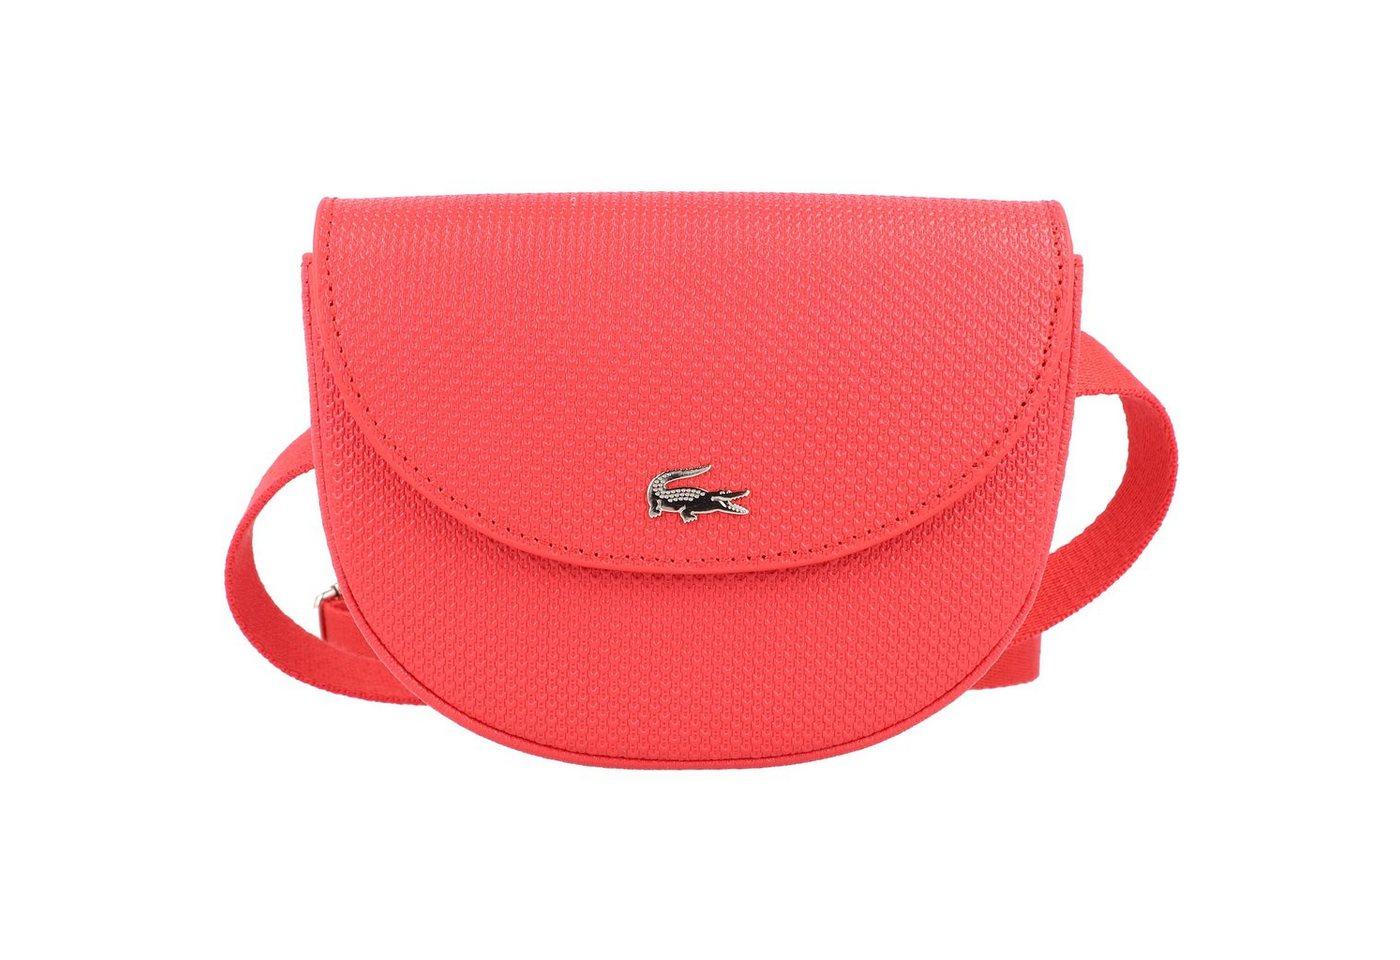 lacoste -  LG Woman Premium Gürteltasche Leder 16 cm